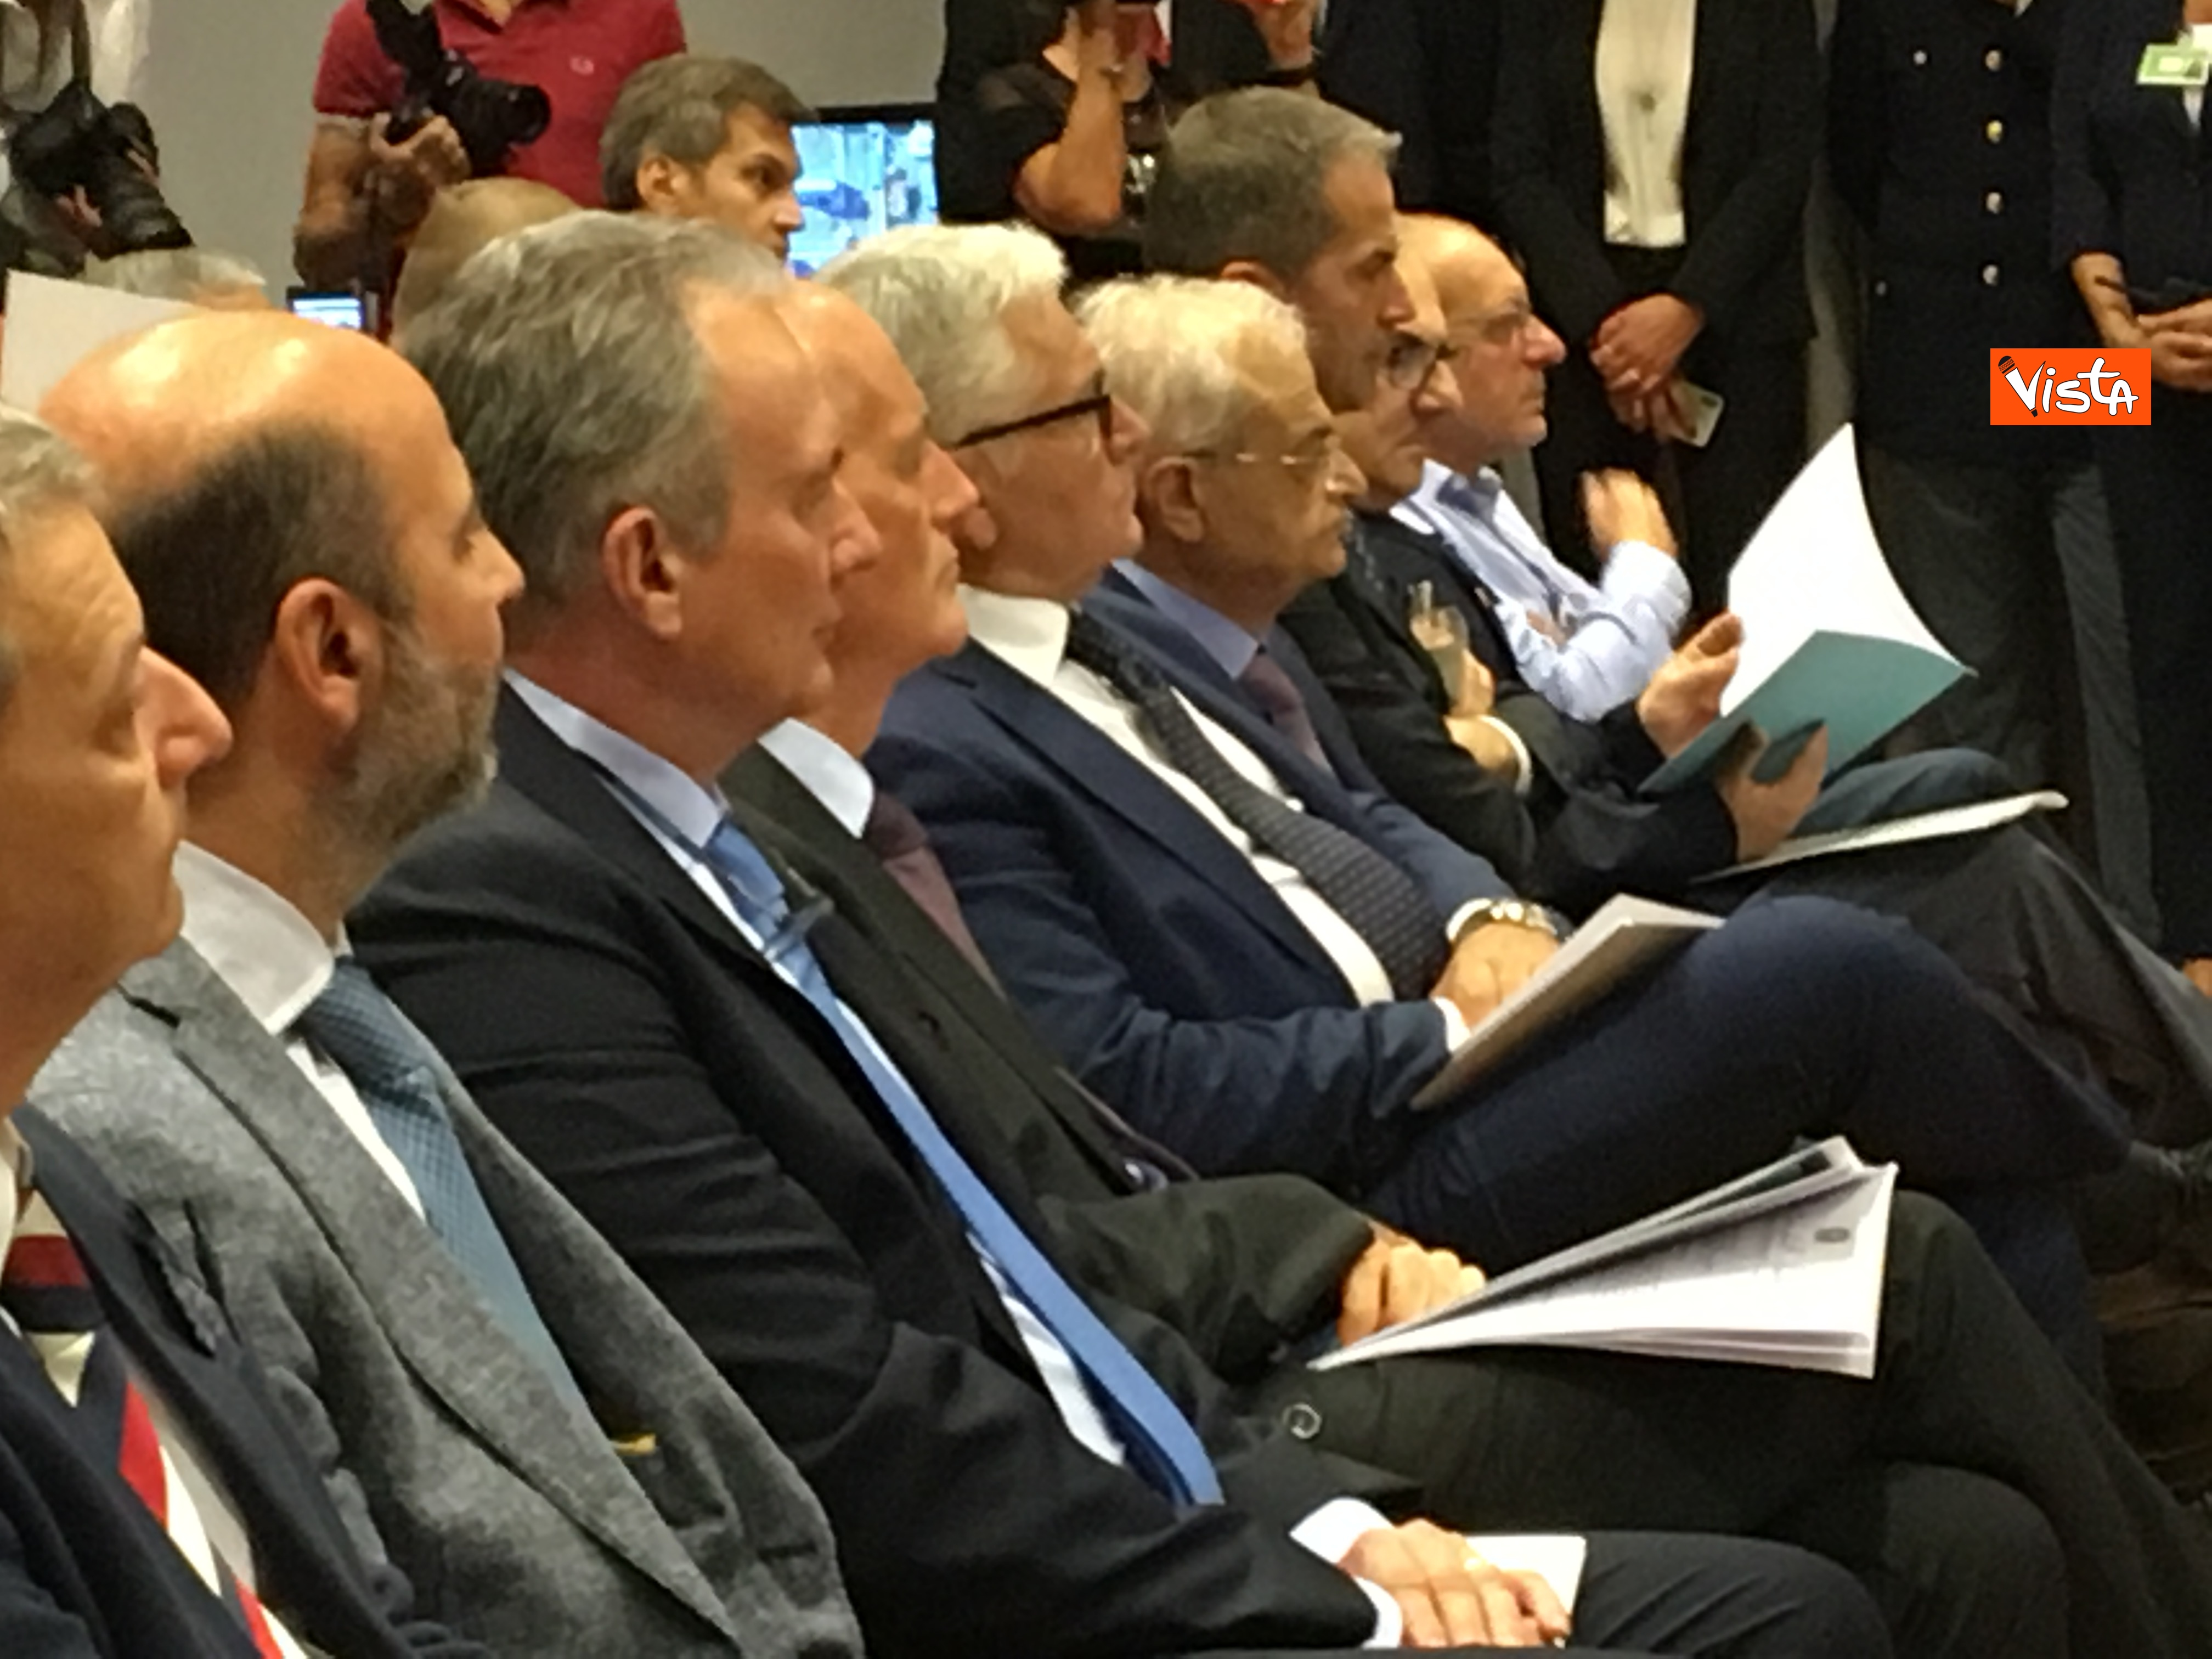 18-07-19 Viabilita Italia il piano di gestione per l esodo estivo presentato al Viminale immagini_15